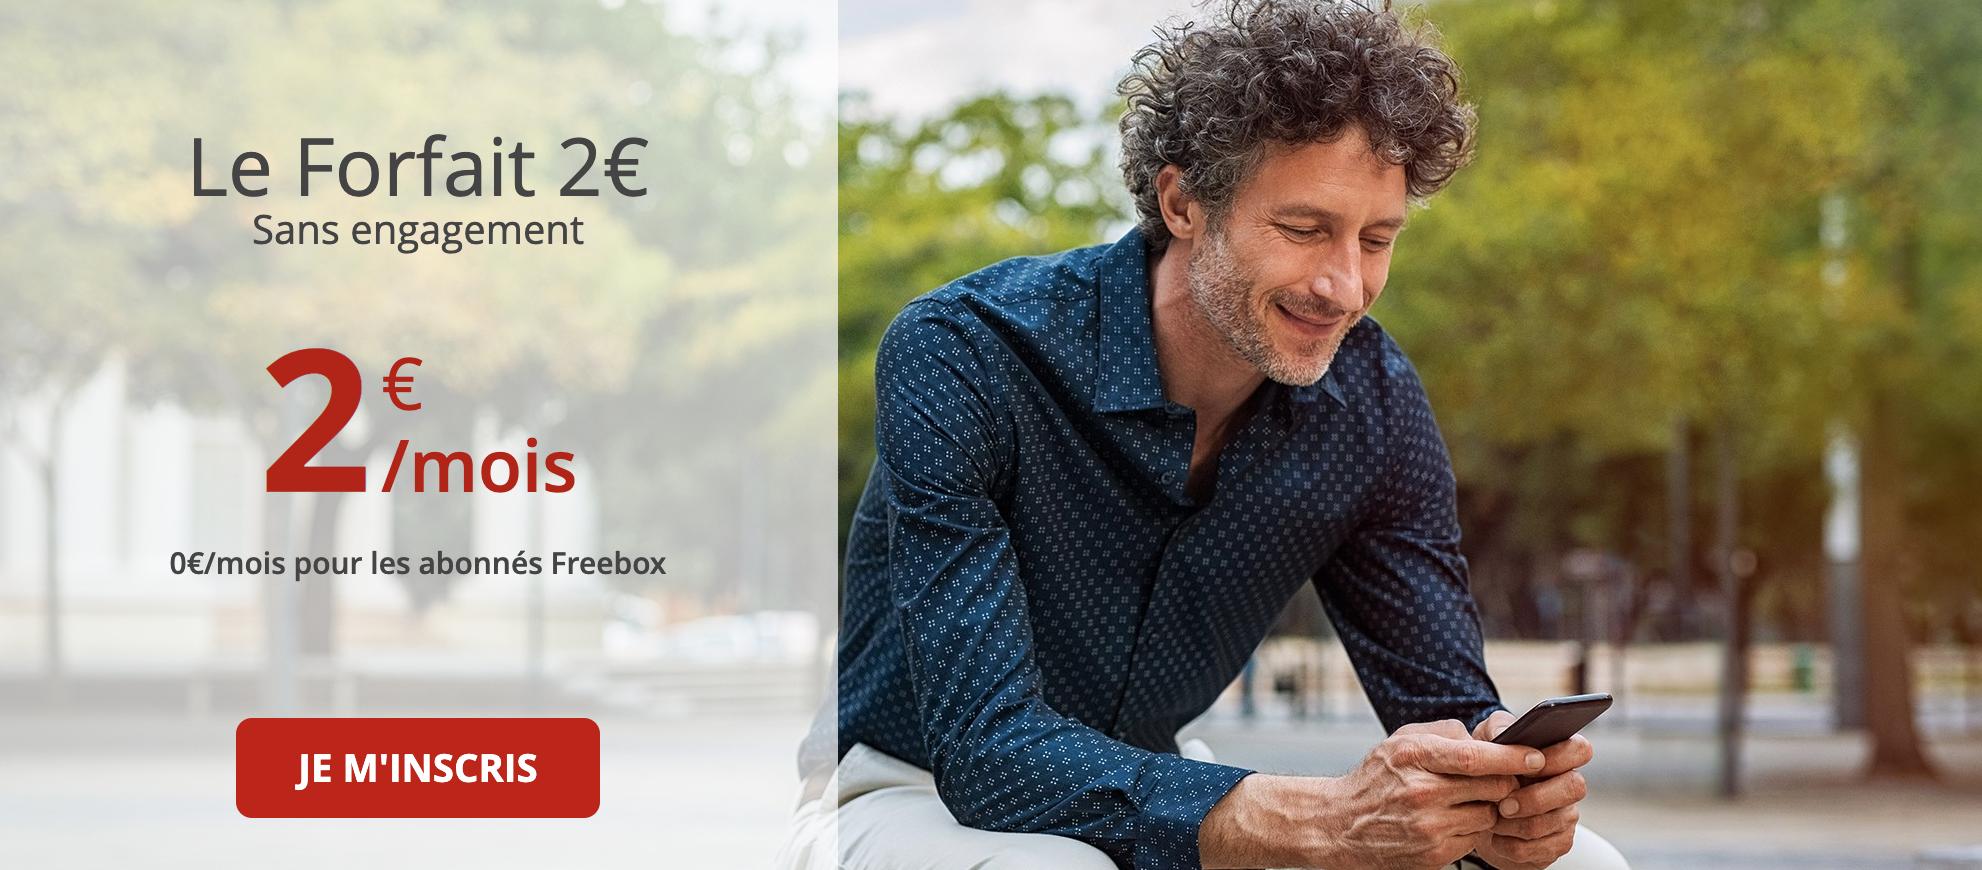 forfait mobile free 2€ en promo